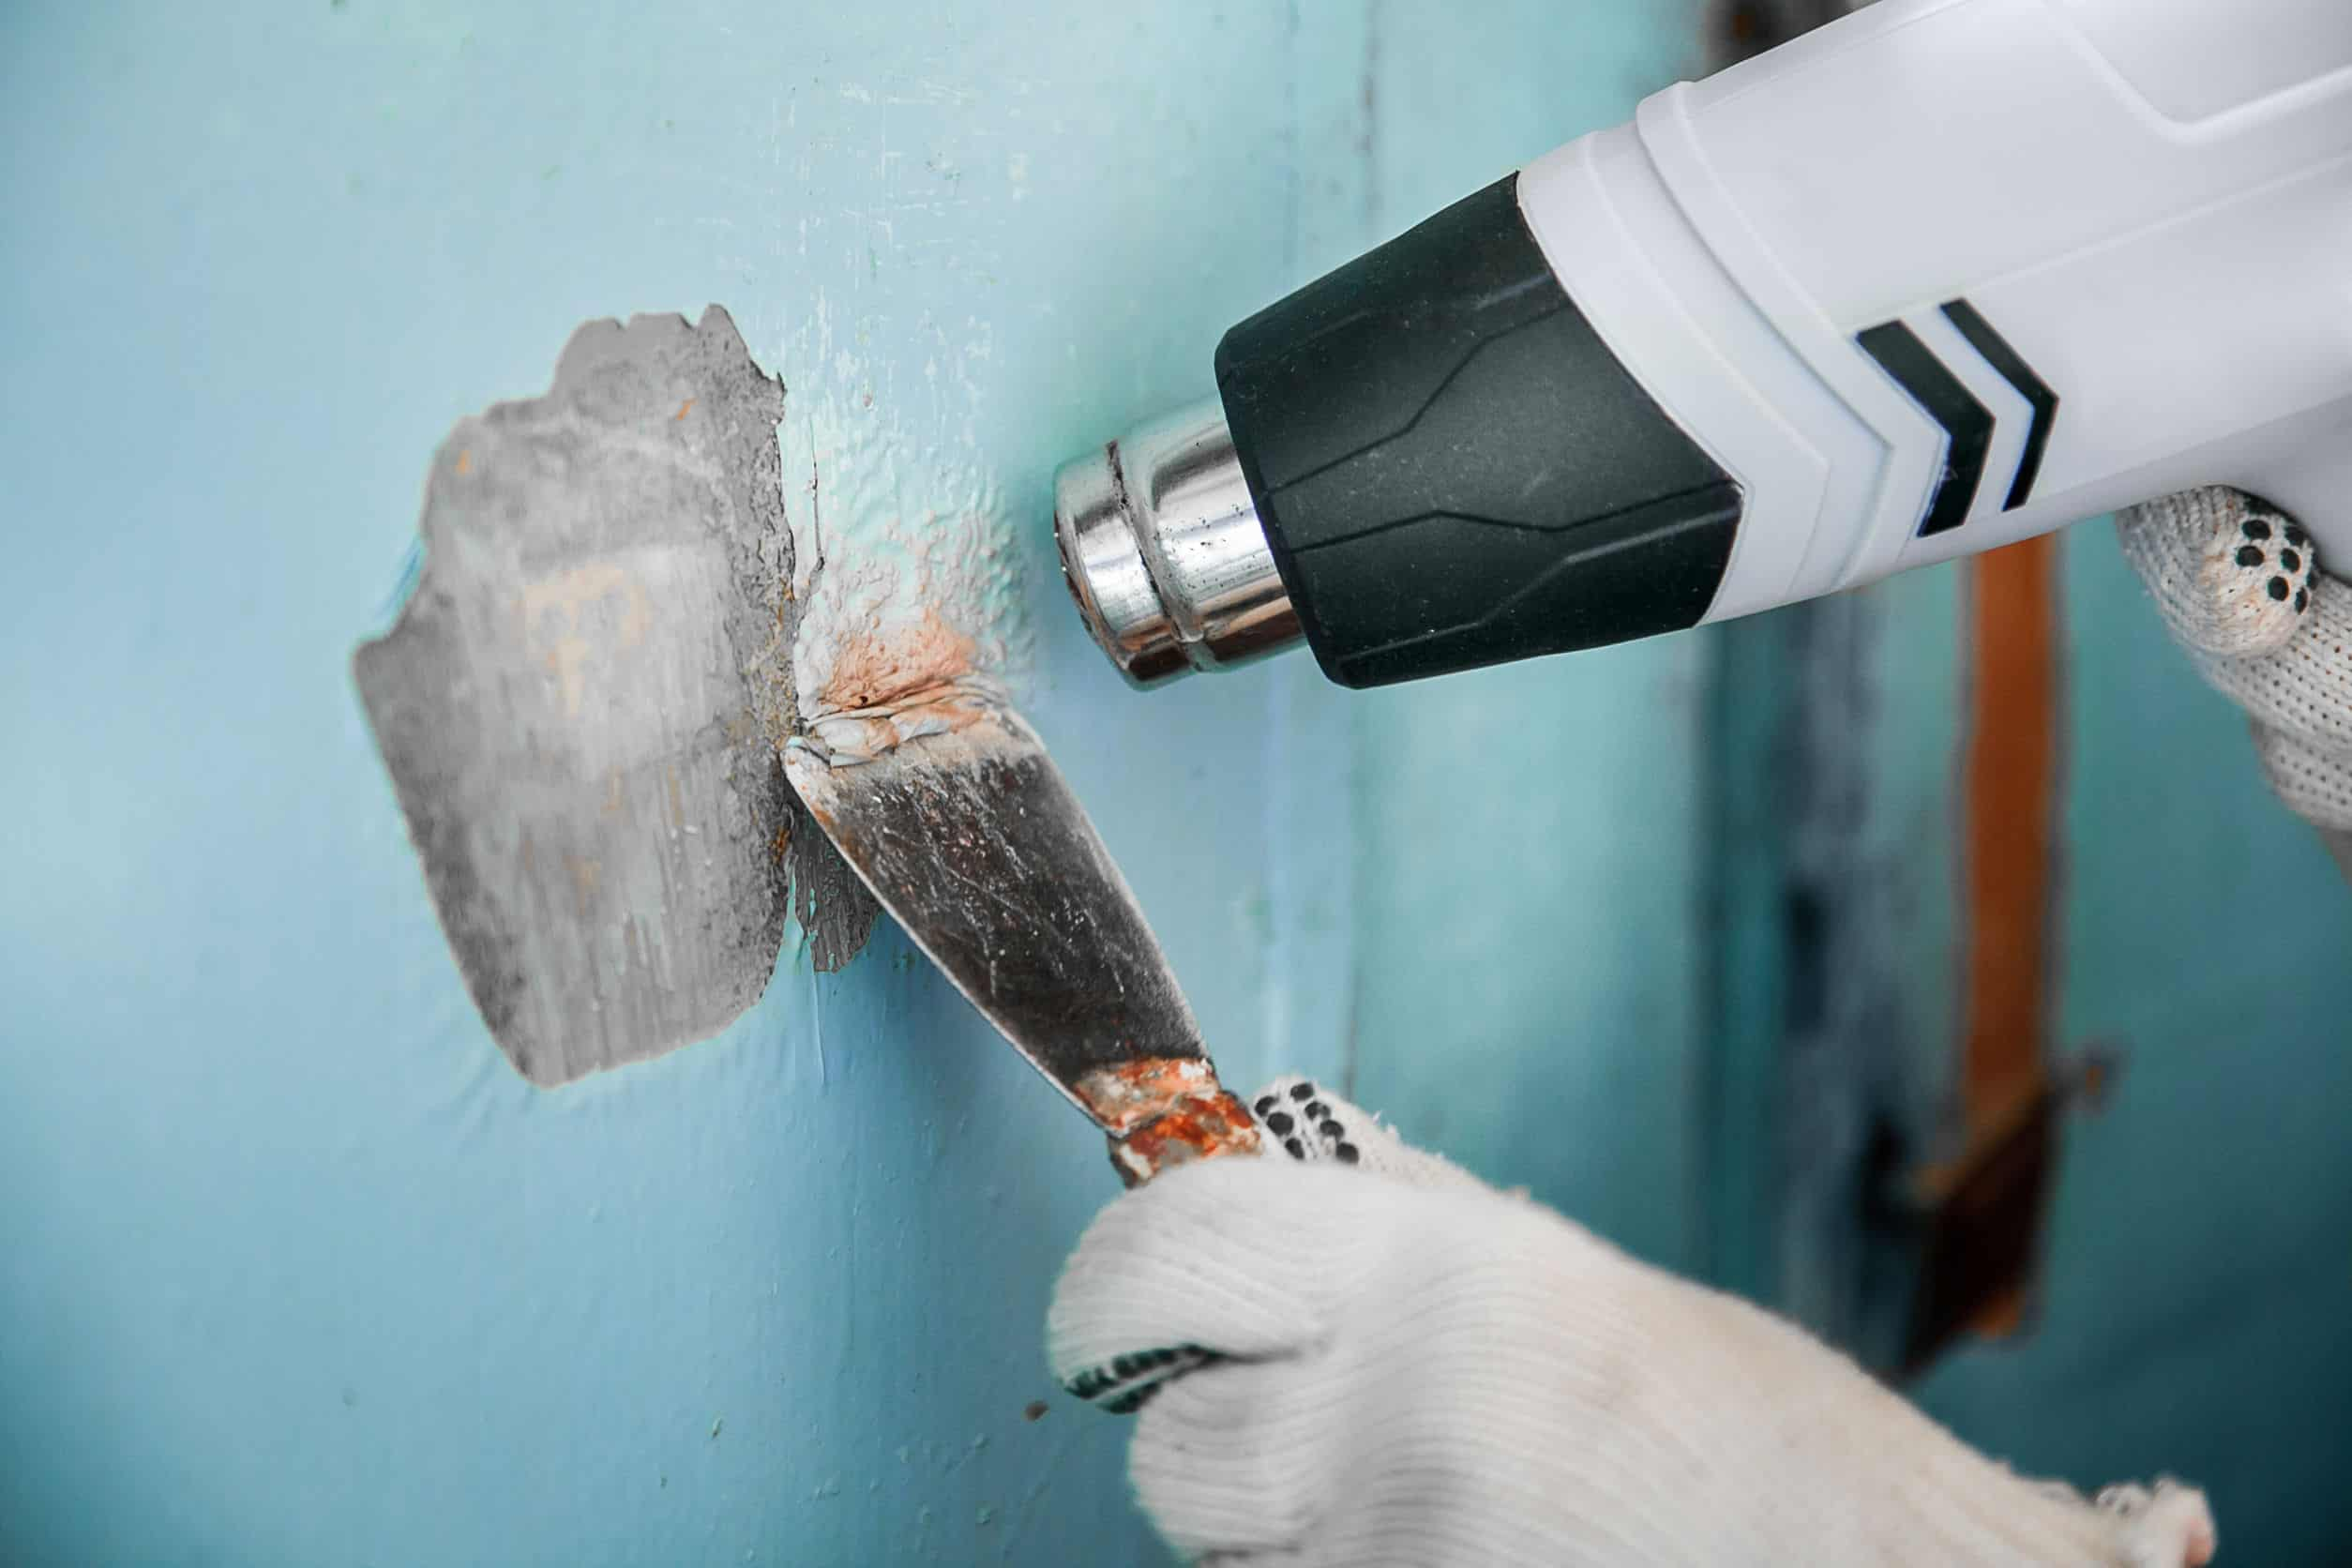 Imagem mostra um soprador térmico sendo usado para remover pintura de uma parede.